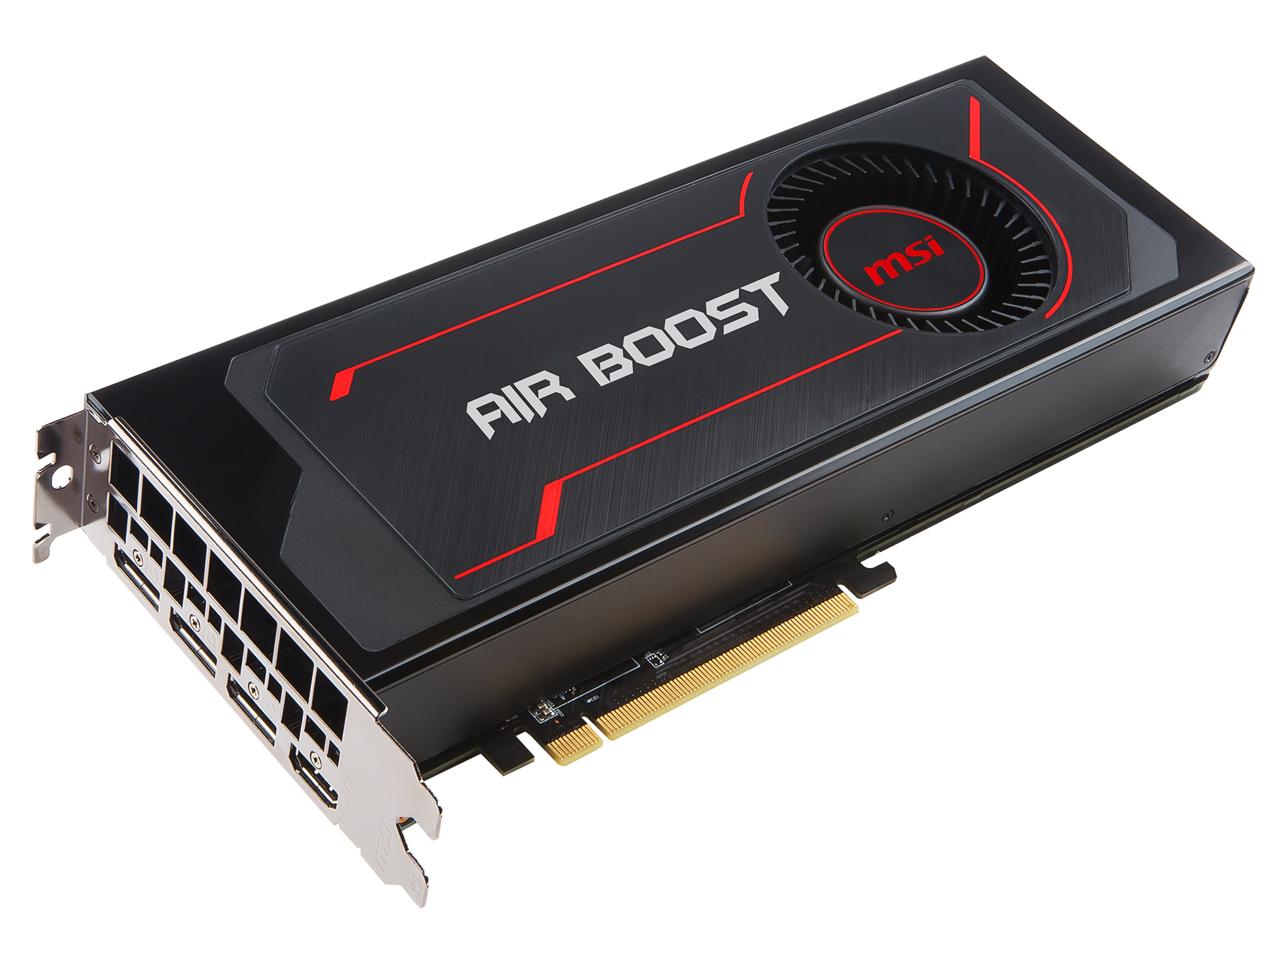 『本体4』 Radeon RX Vega 64 Air Boost 8G OC [PCIExp 8GB] の製品画像